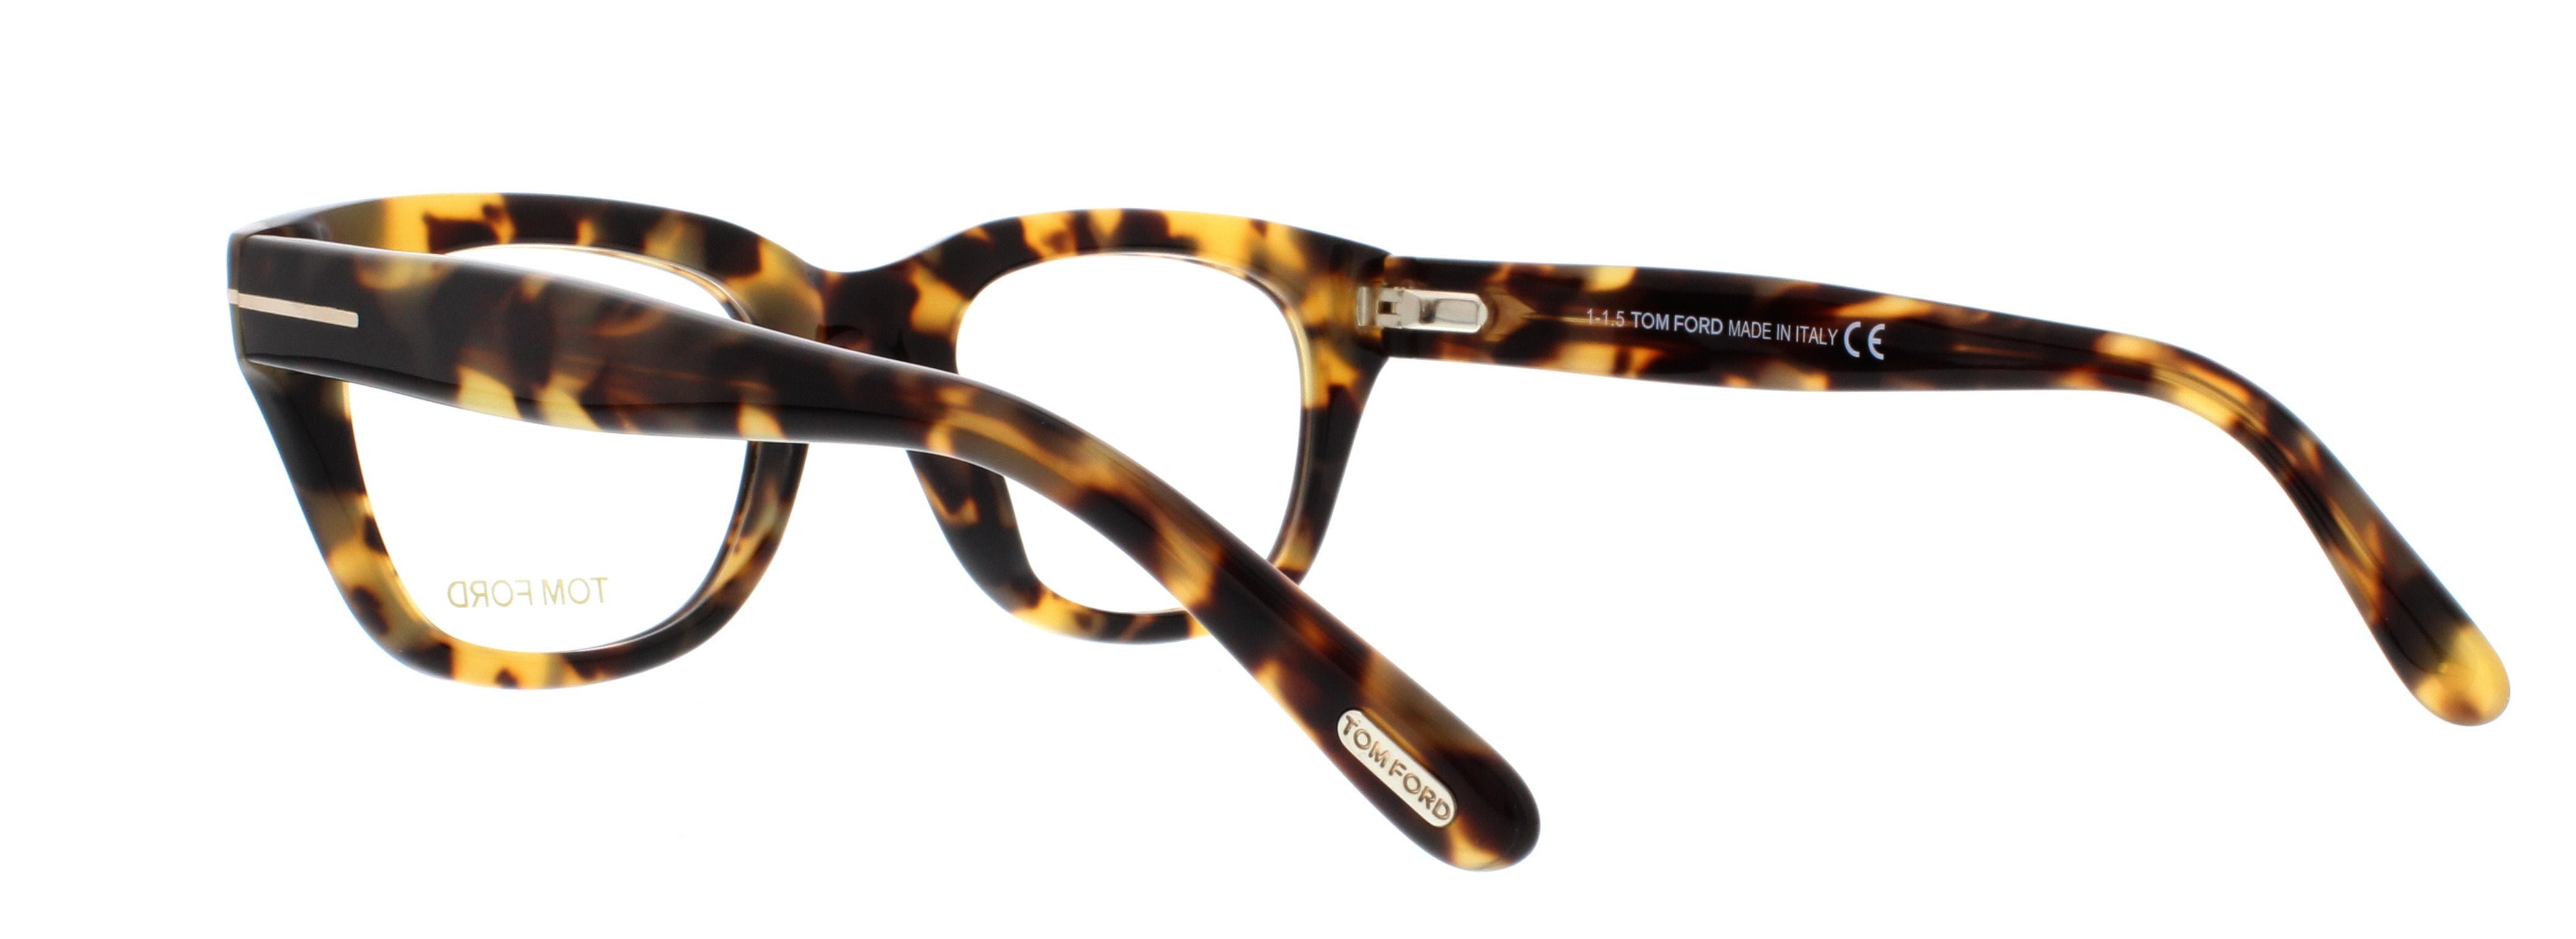 9bdcb5e203 TOM FORD Eyeglasses FT5178 055 Coloured Havana 50MM 5 5 of 8 ...